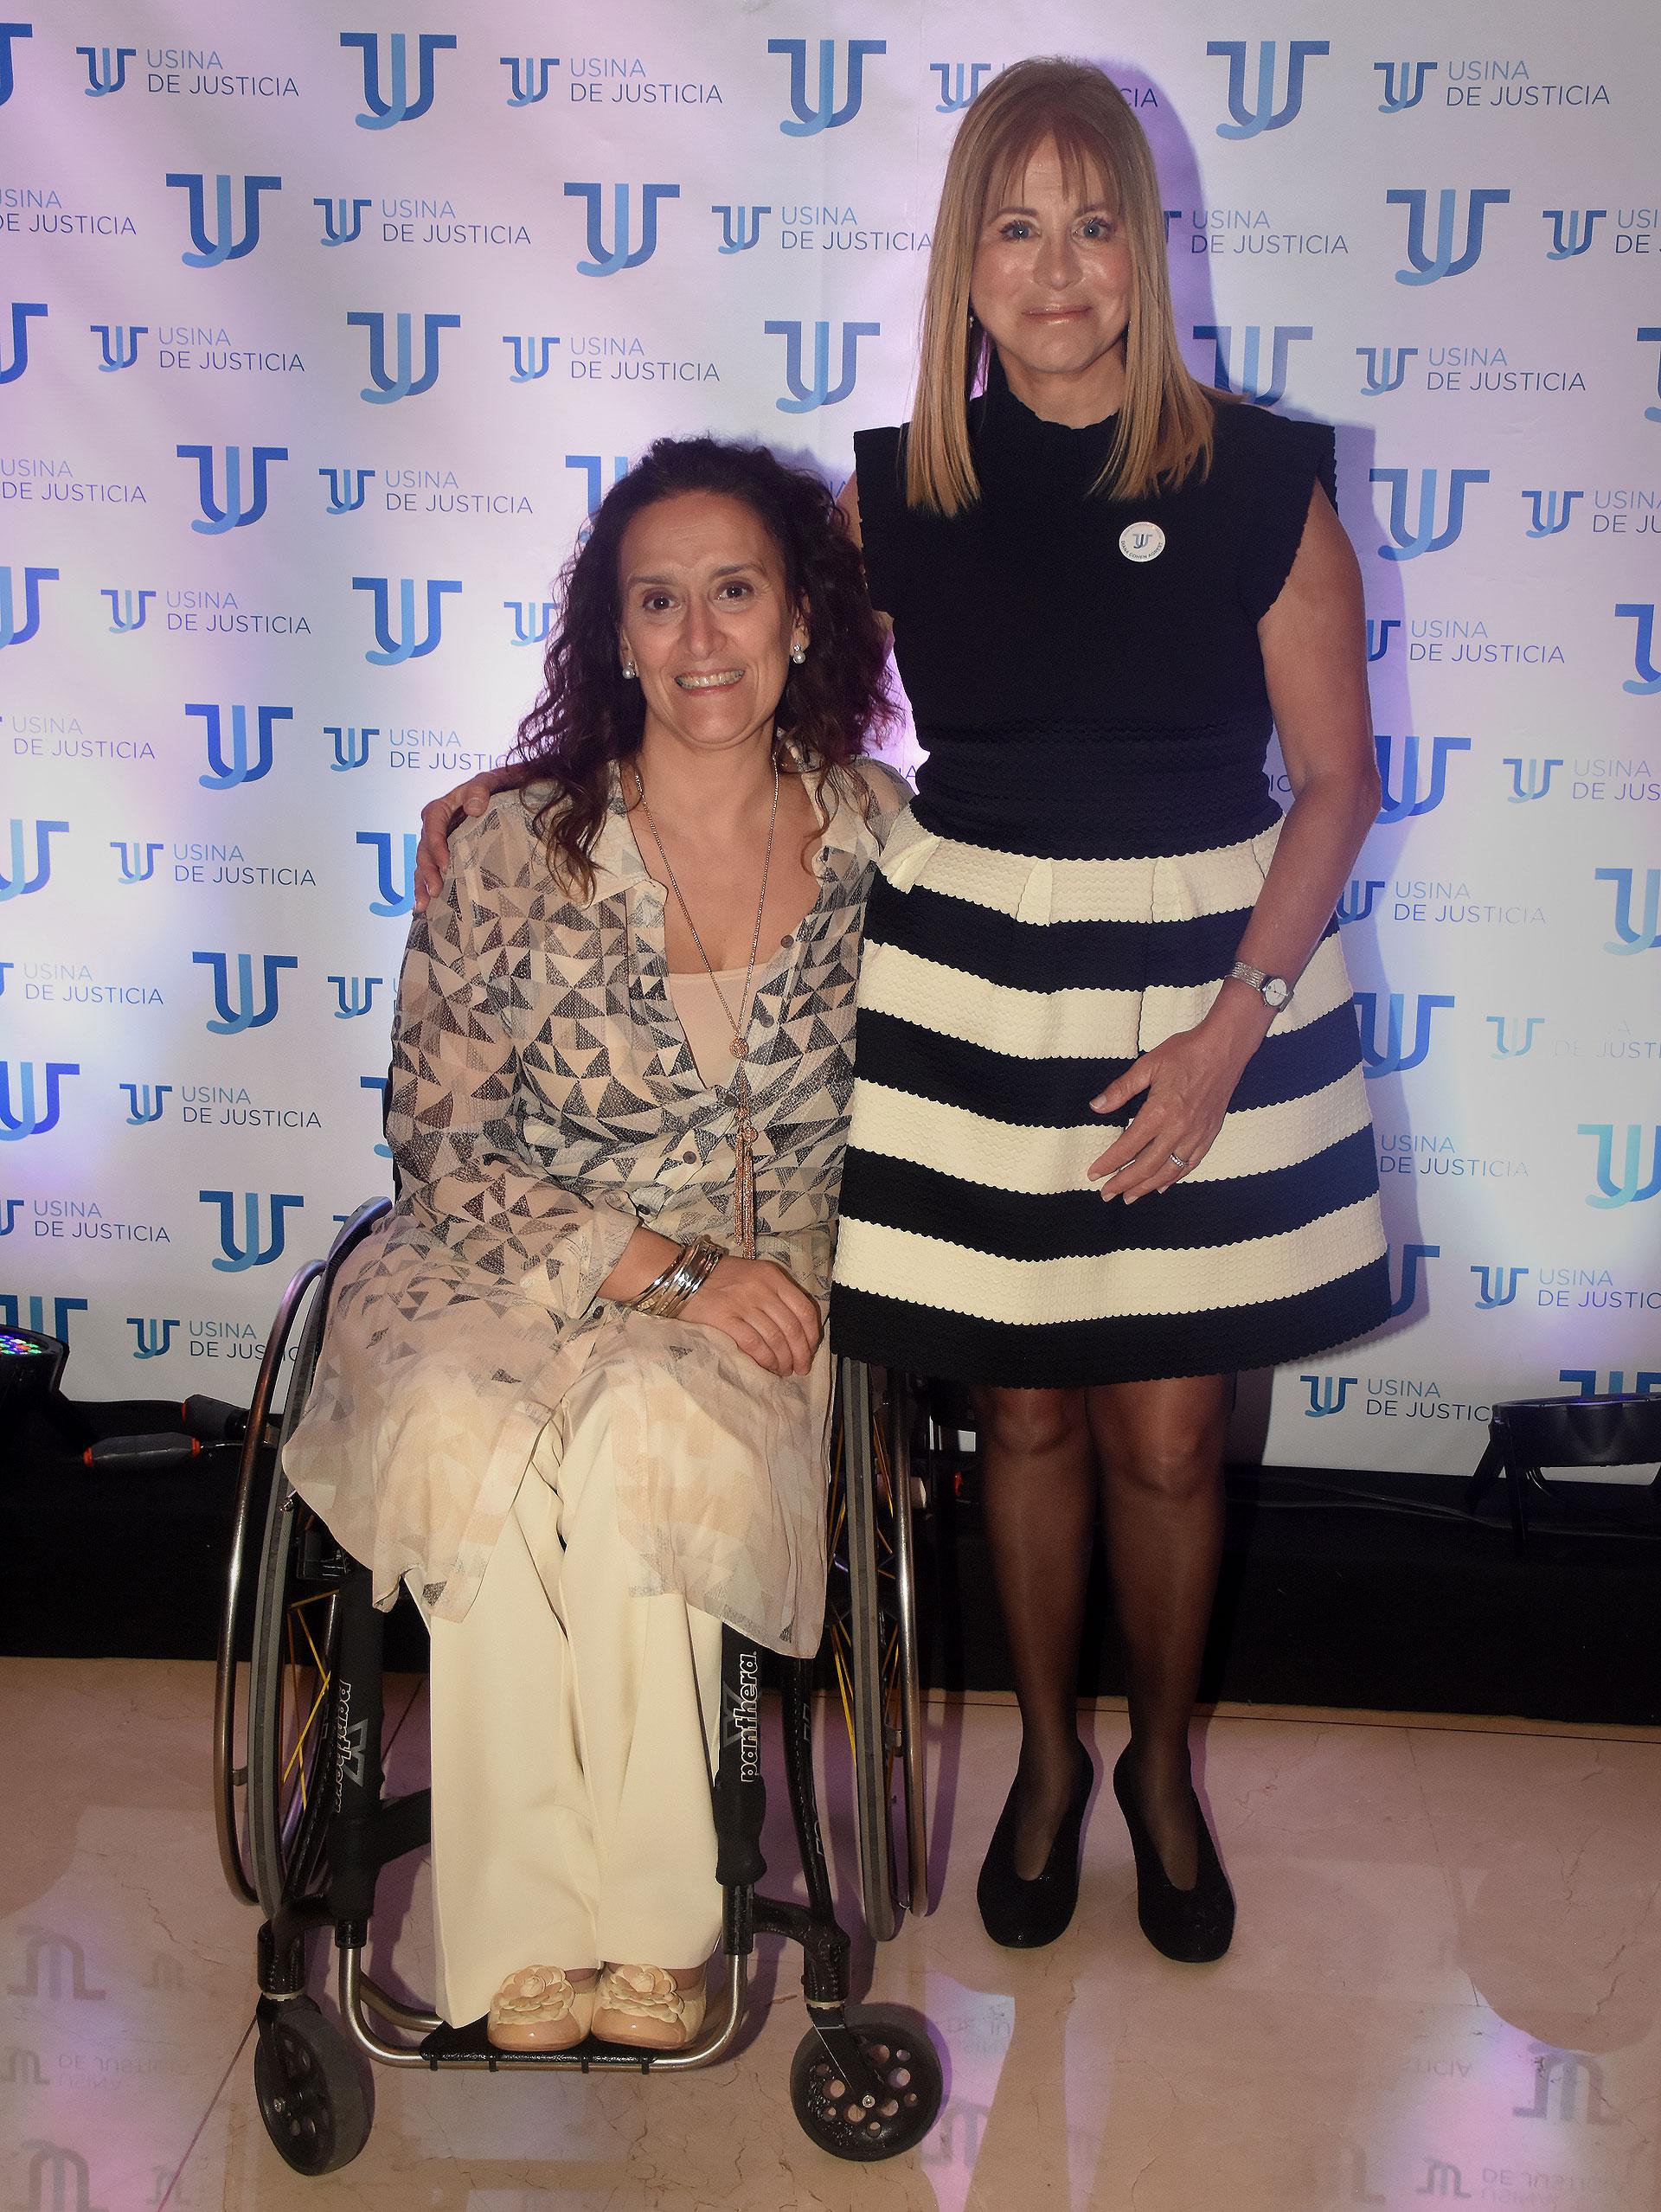 La vicepresidente Gabriela Michetti y Diana Cohen Agrest. Usina de Justicia se gestó en 2011, cuando Cohen Agrest esperaba el juicio por el asesinato de su hijo Ezequiel